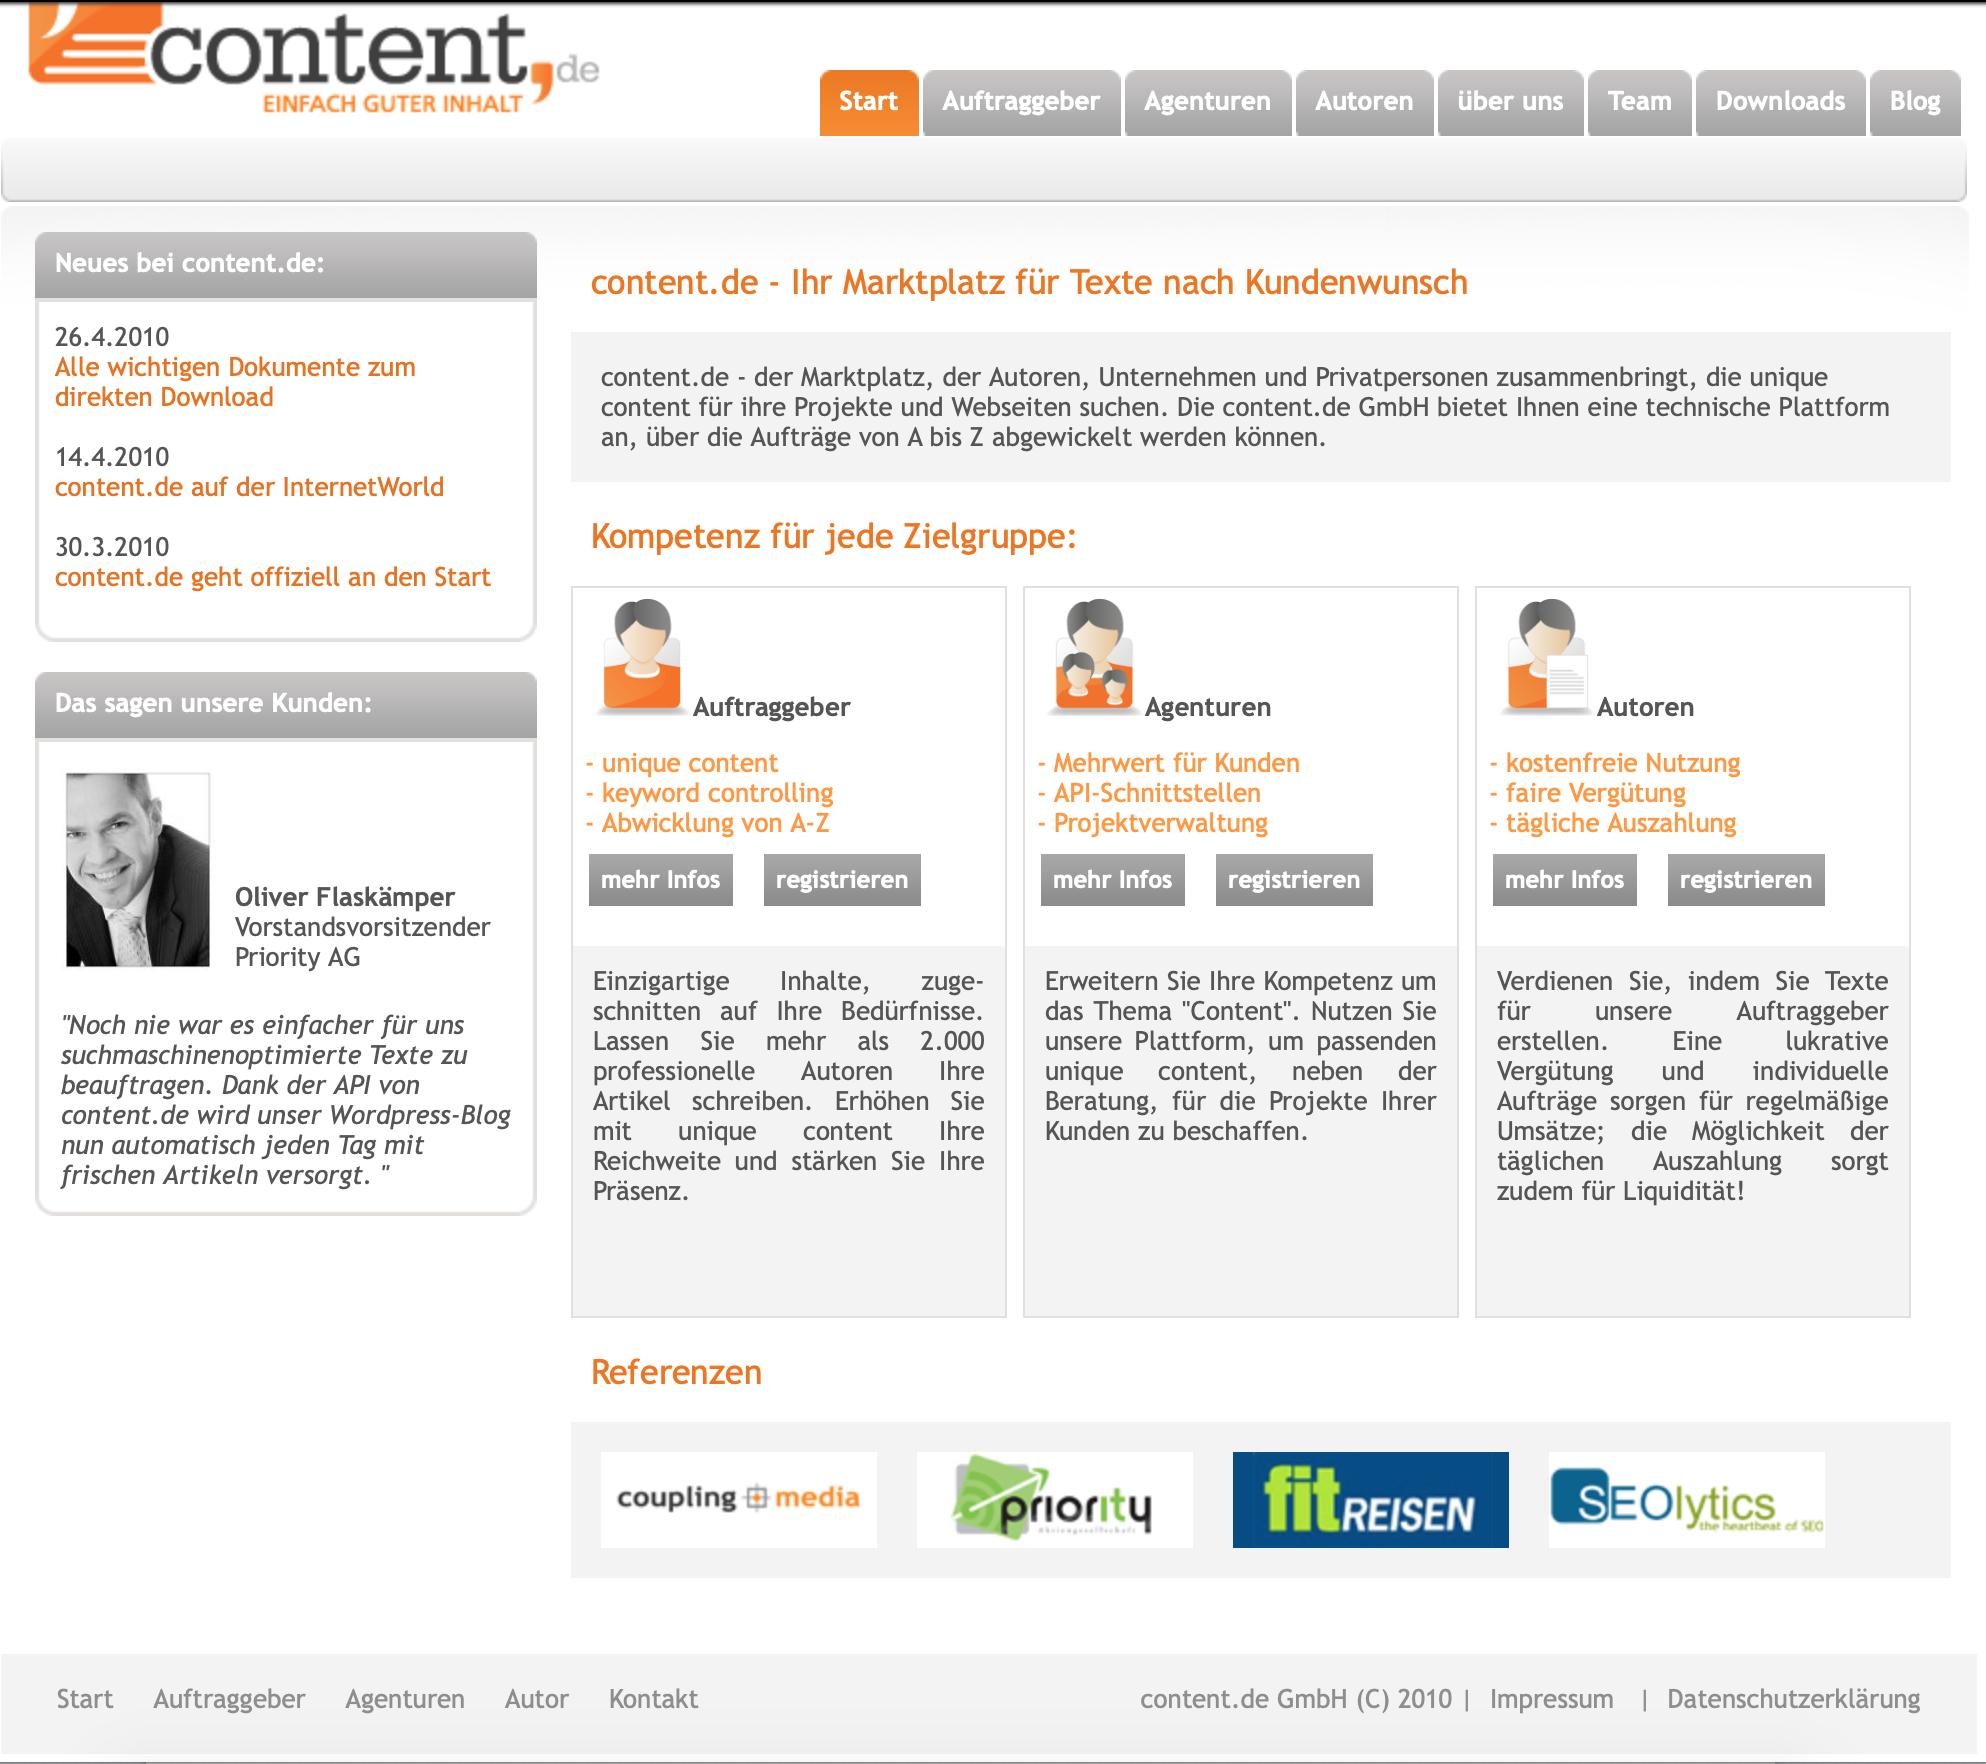 Startseite der content.de-Webseite von 2010